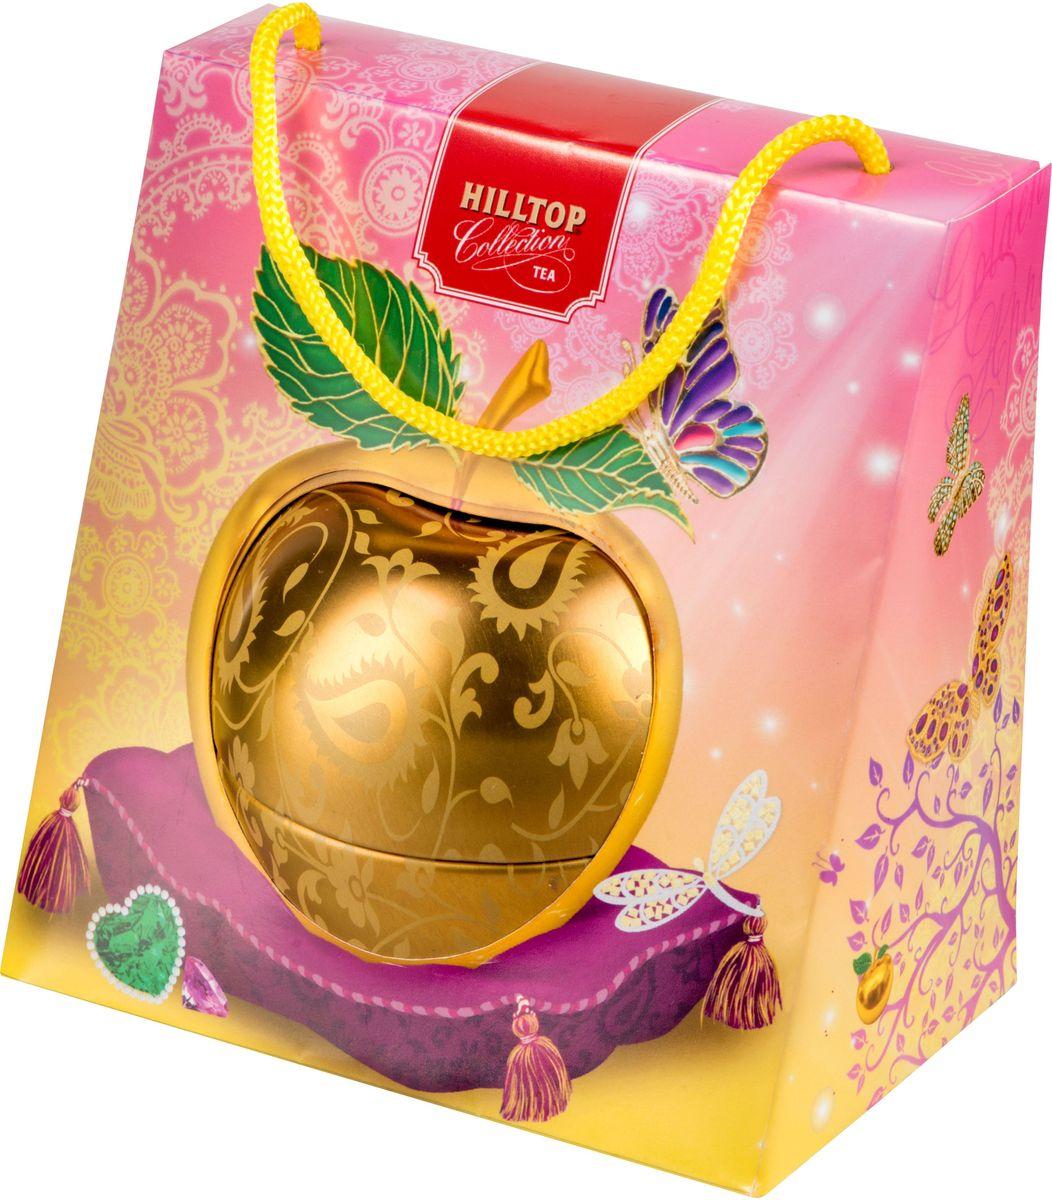 Hilltop Золотое яблочко Королевское золото черный листовой чай, 50 г0120710Hilltop Золотое яблочко Королевское золото - черный чай стандарта Супер Пеко с лучших плантаций Цейлона. Выращен в экологически чистой зоне. Настой с глубоким золотистым цветом и изумительным ароматом послужит великолепным дополнением к праздничному столу, а благодаря красивой праздничной упаковке вы можете подарить этот прекрасный чай своим друзьям и близким.